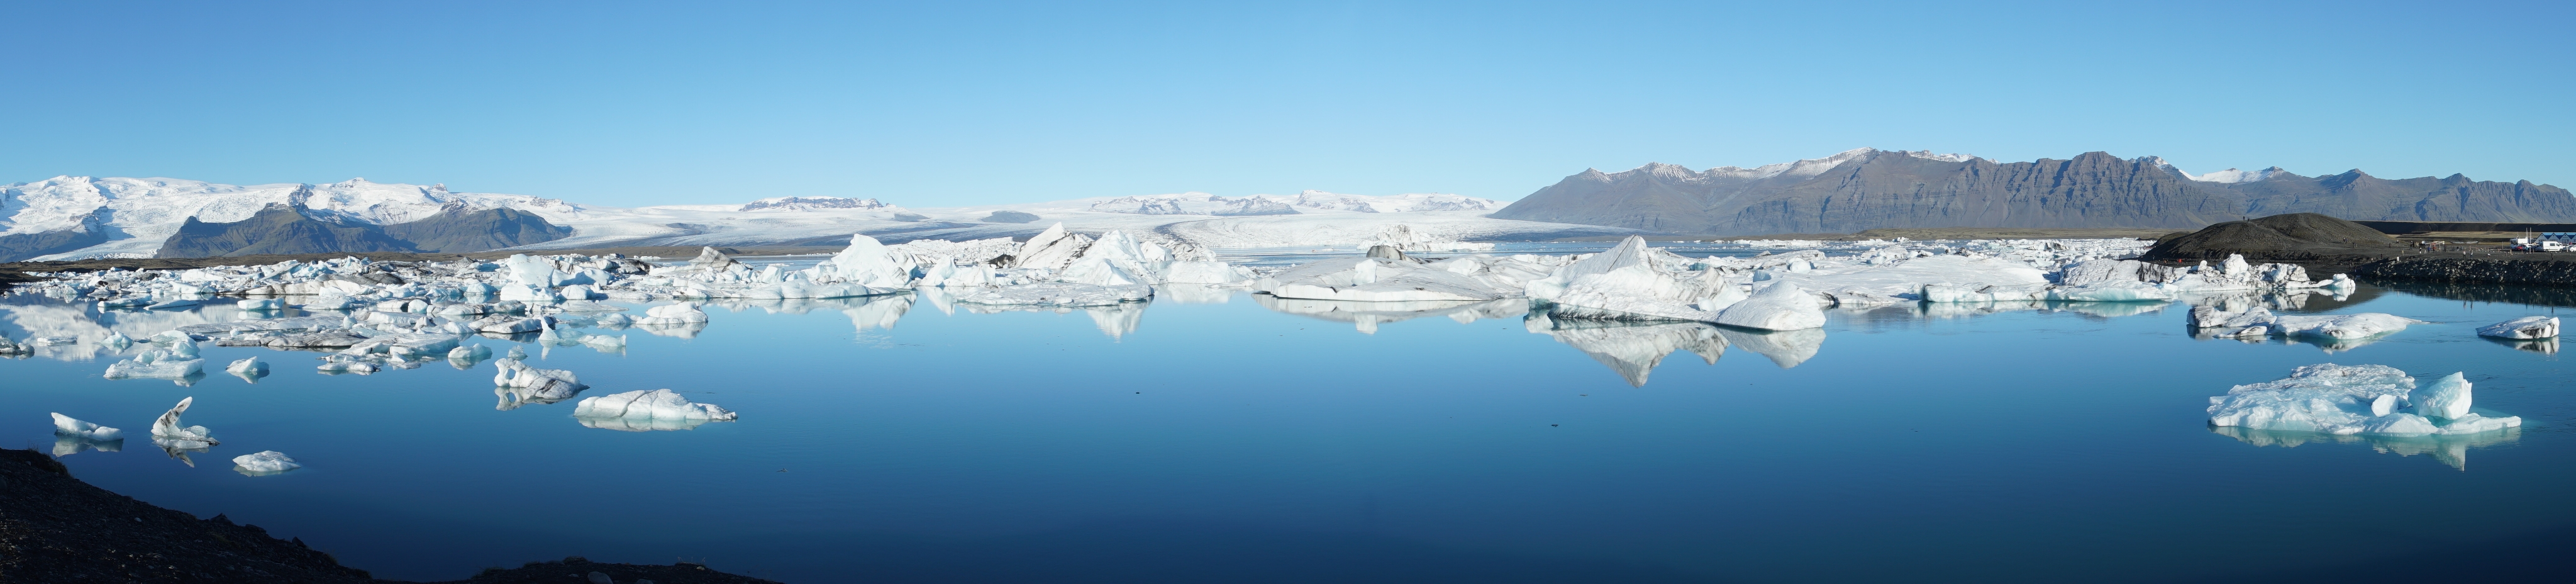 islande16oct17-11h03-pano24mmb.jpg